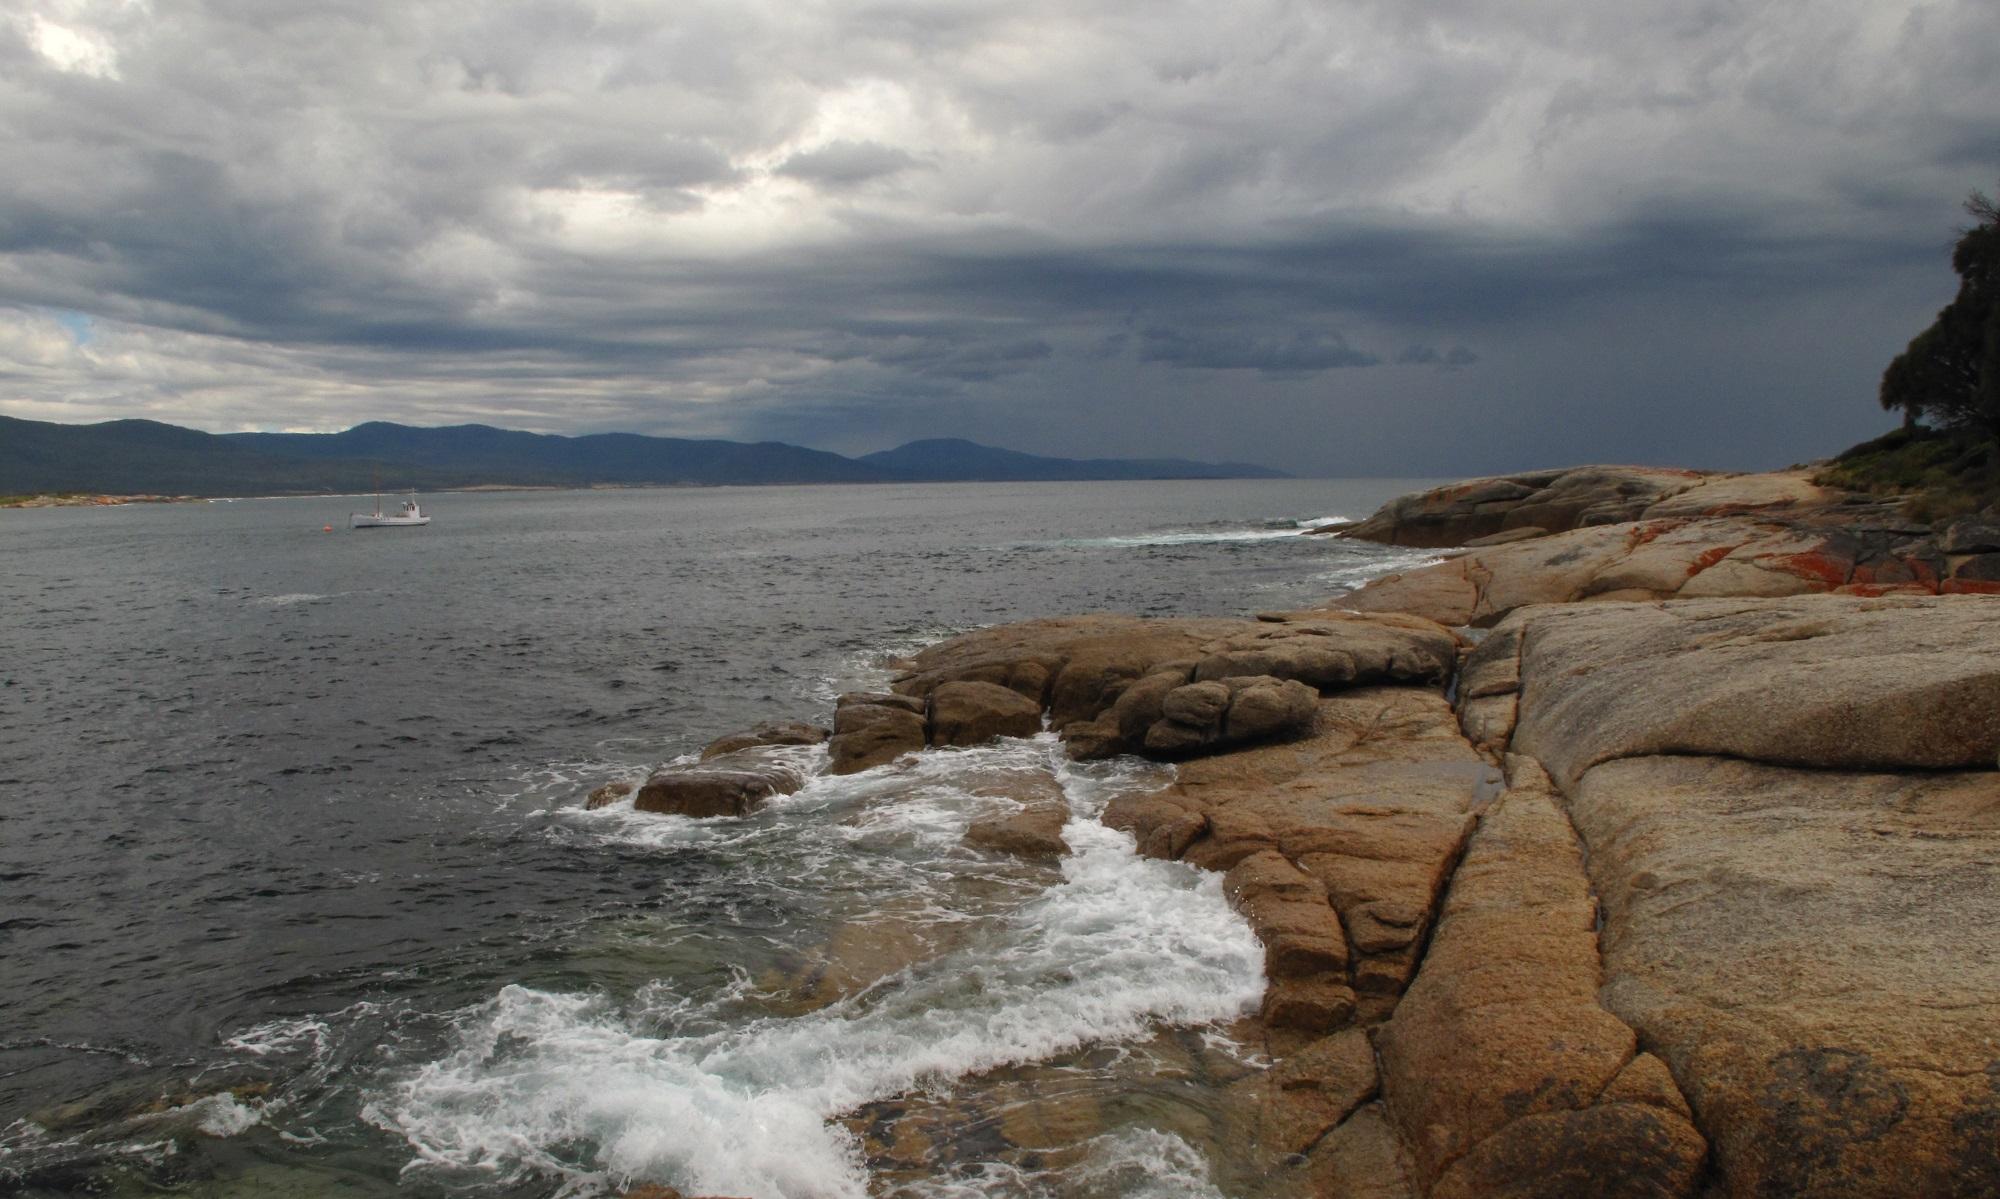 Tasmania Coast, Australia